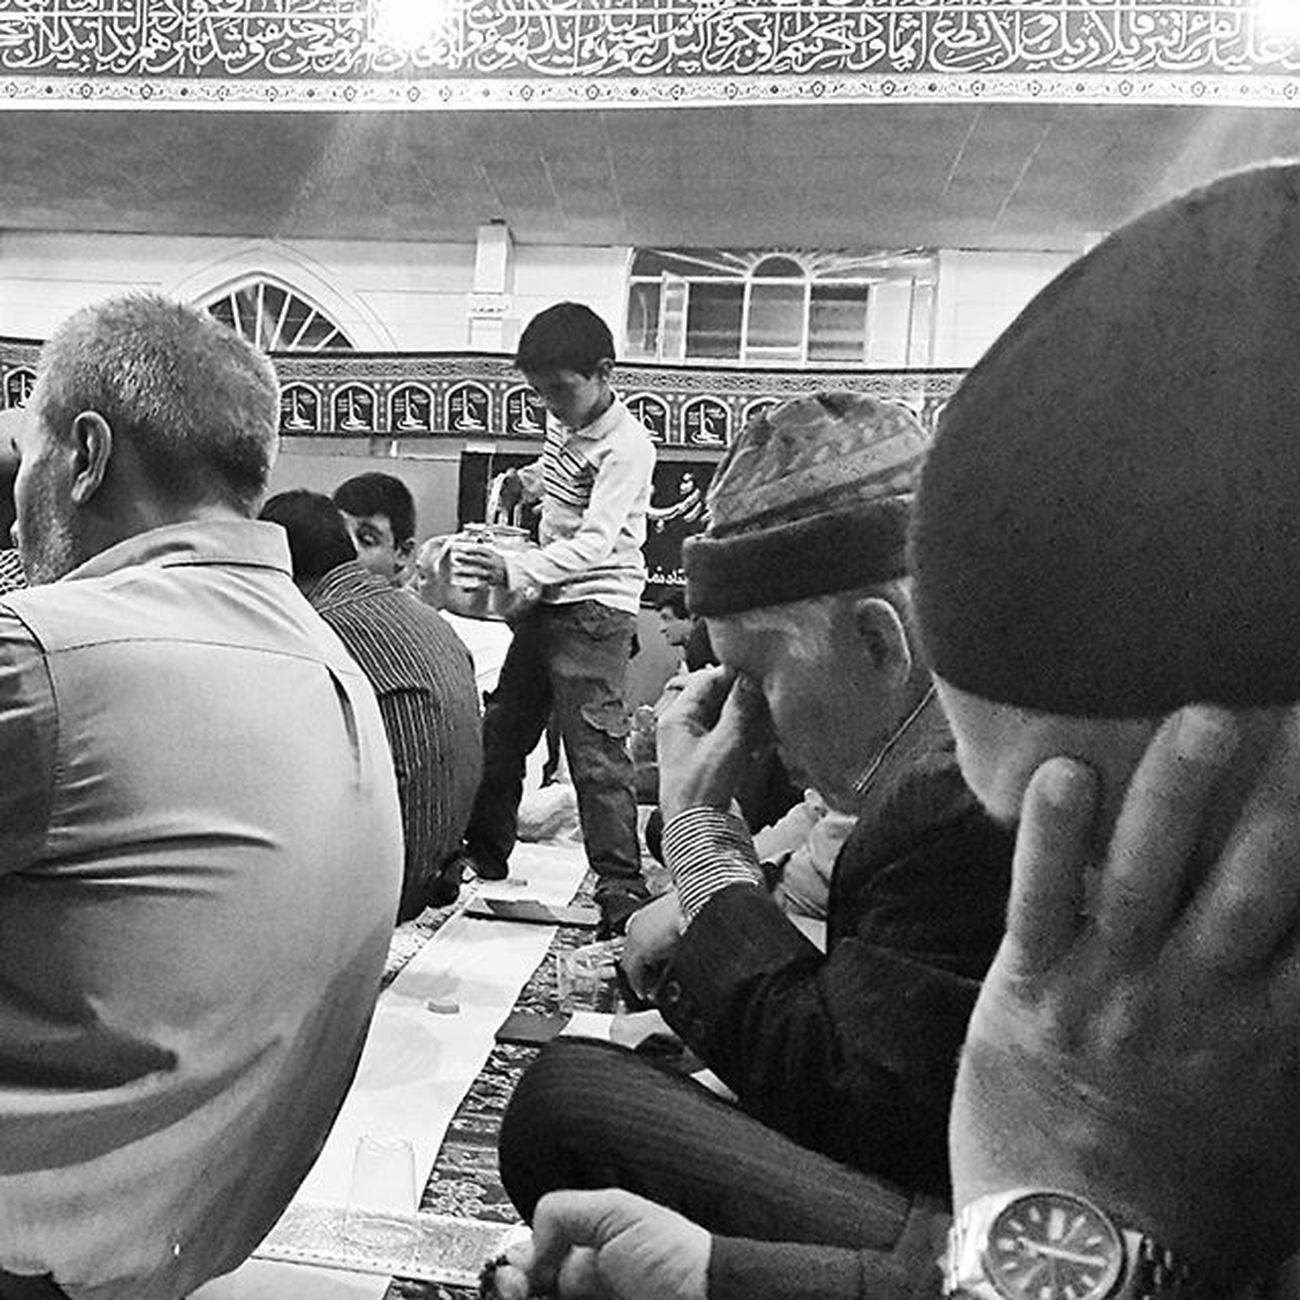 ▫ پسربچهای در شب نوزدهم ماه رمضان به شبزندهدارن در مصلی شیروان، آبِ خنک تعارف می کند. 1x1000000 1x1million شب_قدر سقا کلنا_عباسک_یا_مهدی_عج شیروان Everydayiran Shirvan @shirvan_city